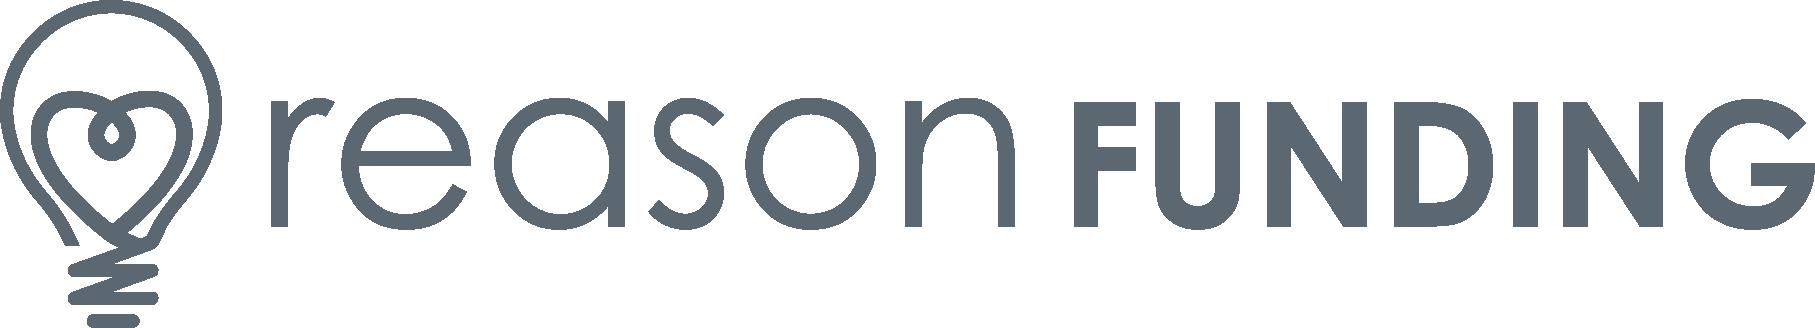 Reason Funding logo